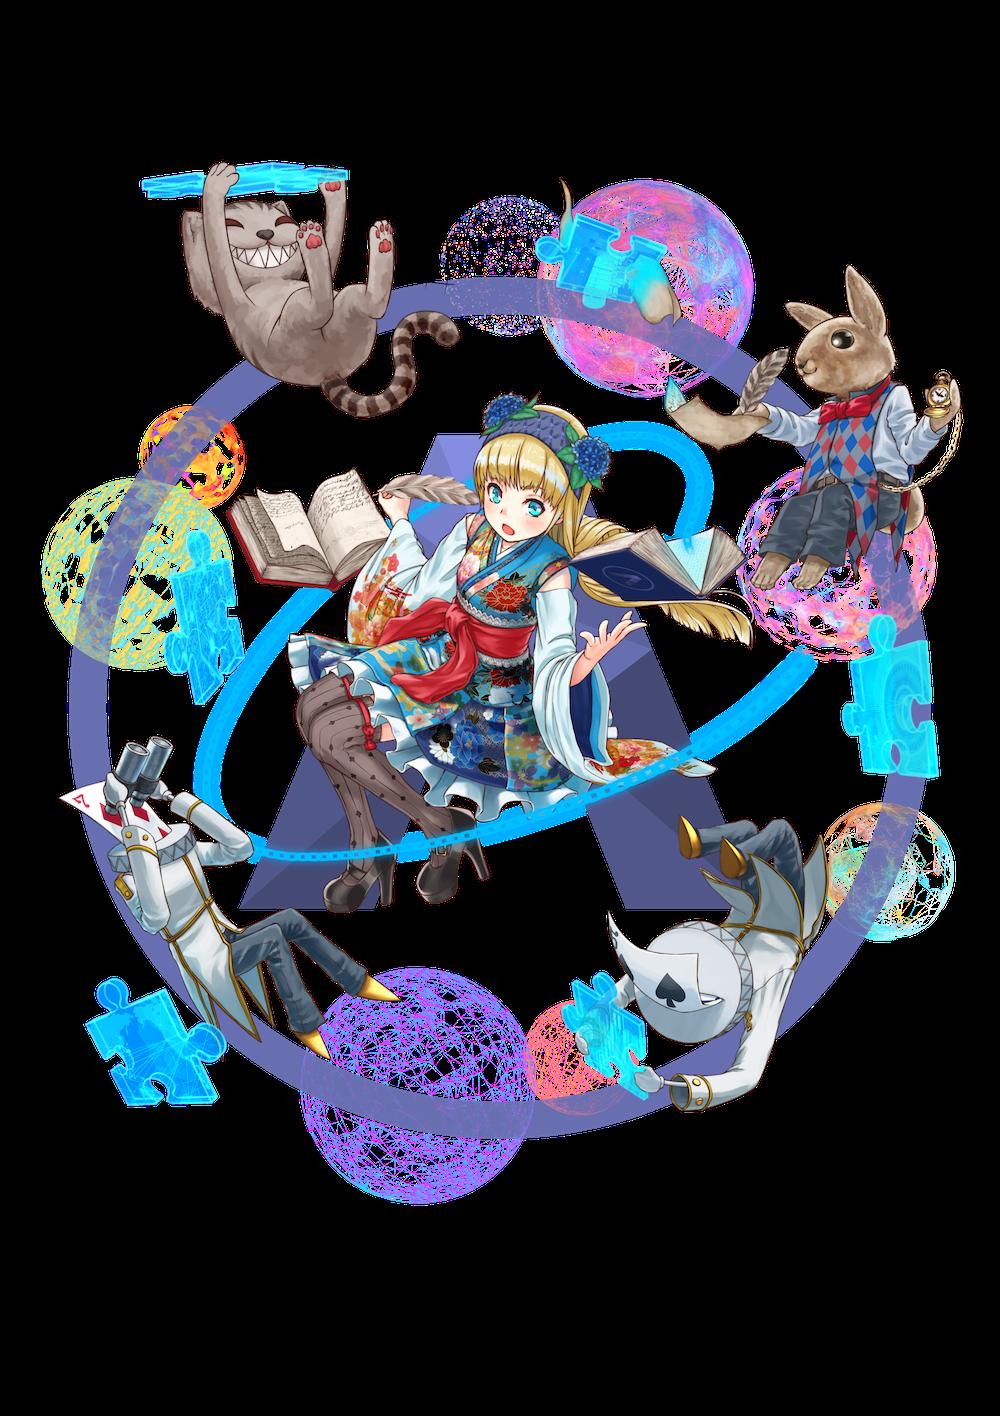 仮想通貨(暗号通貨)アリス(ALIS)の擬人化キャラクター